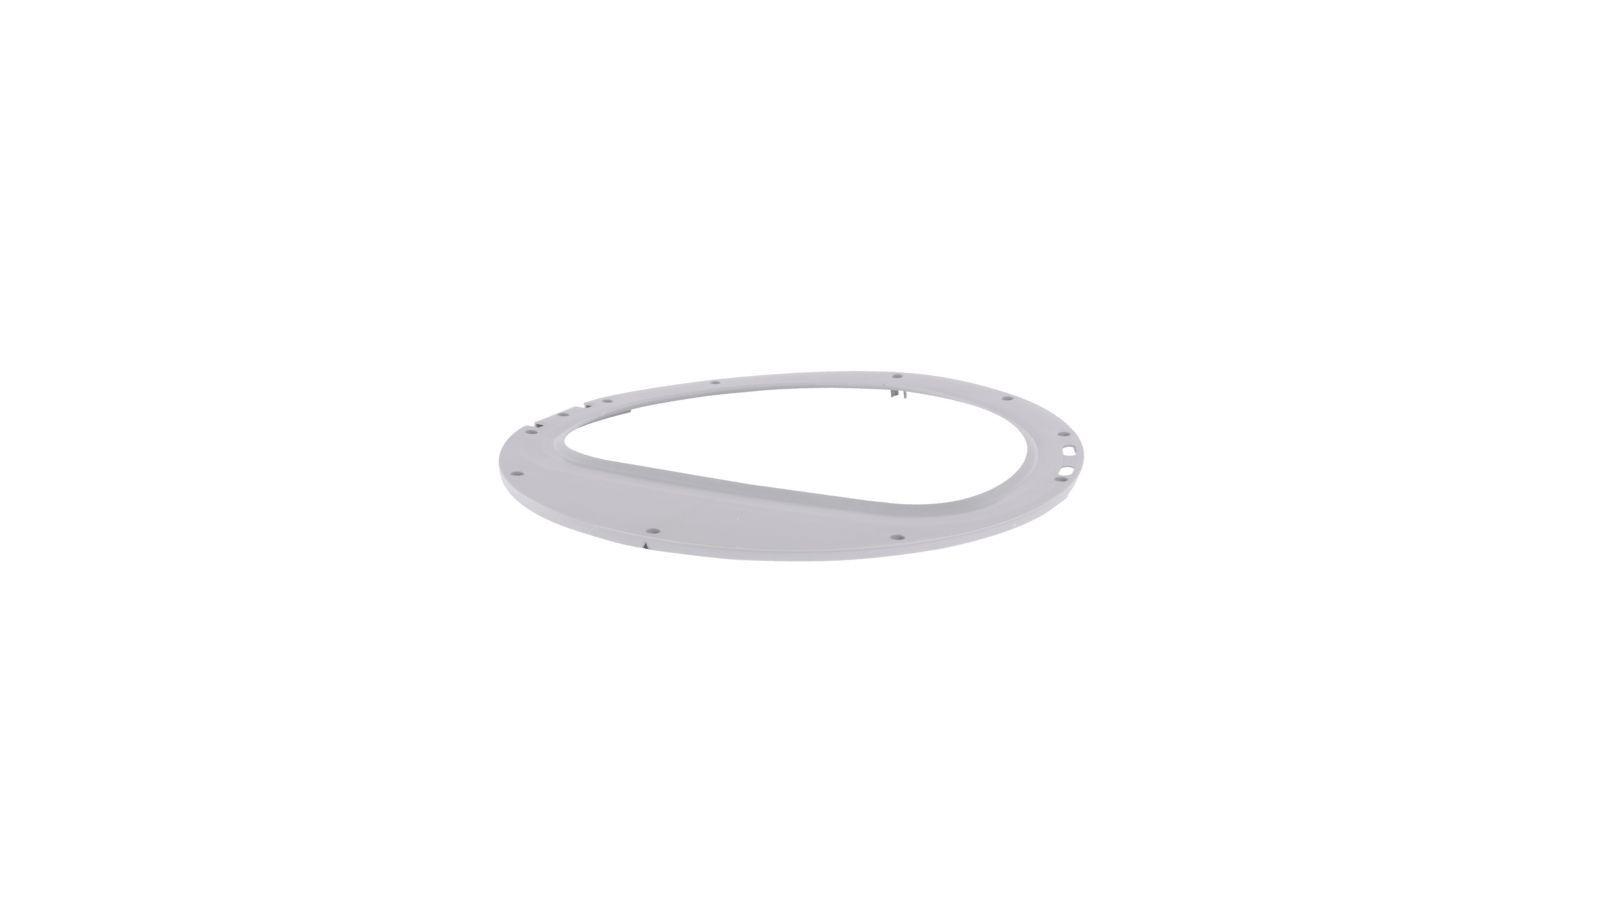 Dveřní rám do sušičky Bosch - 00667793 BSH